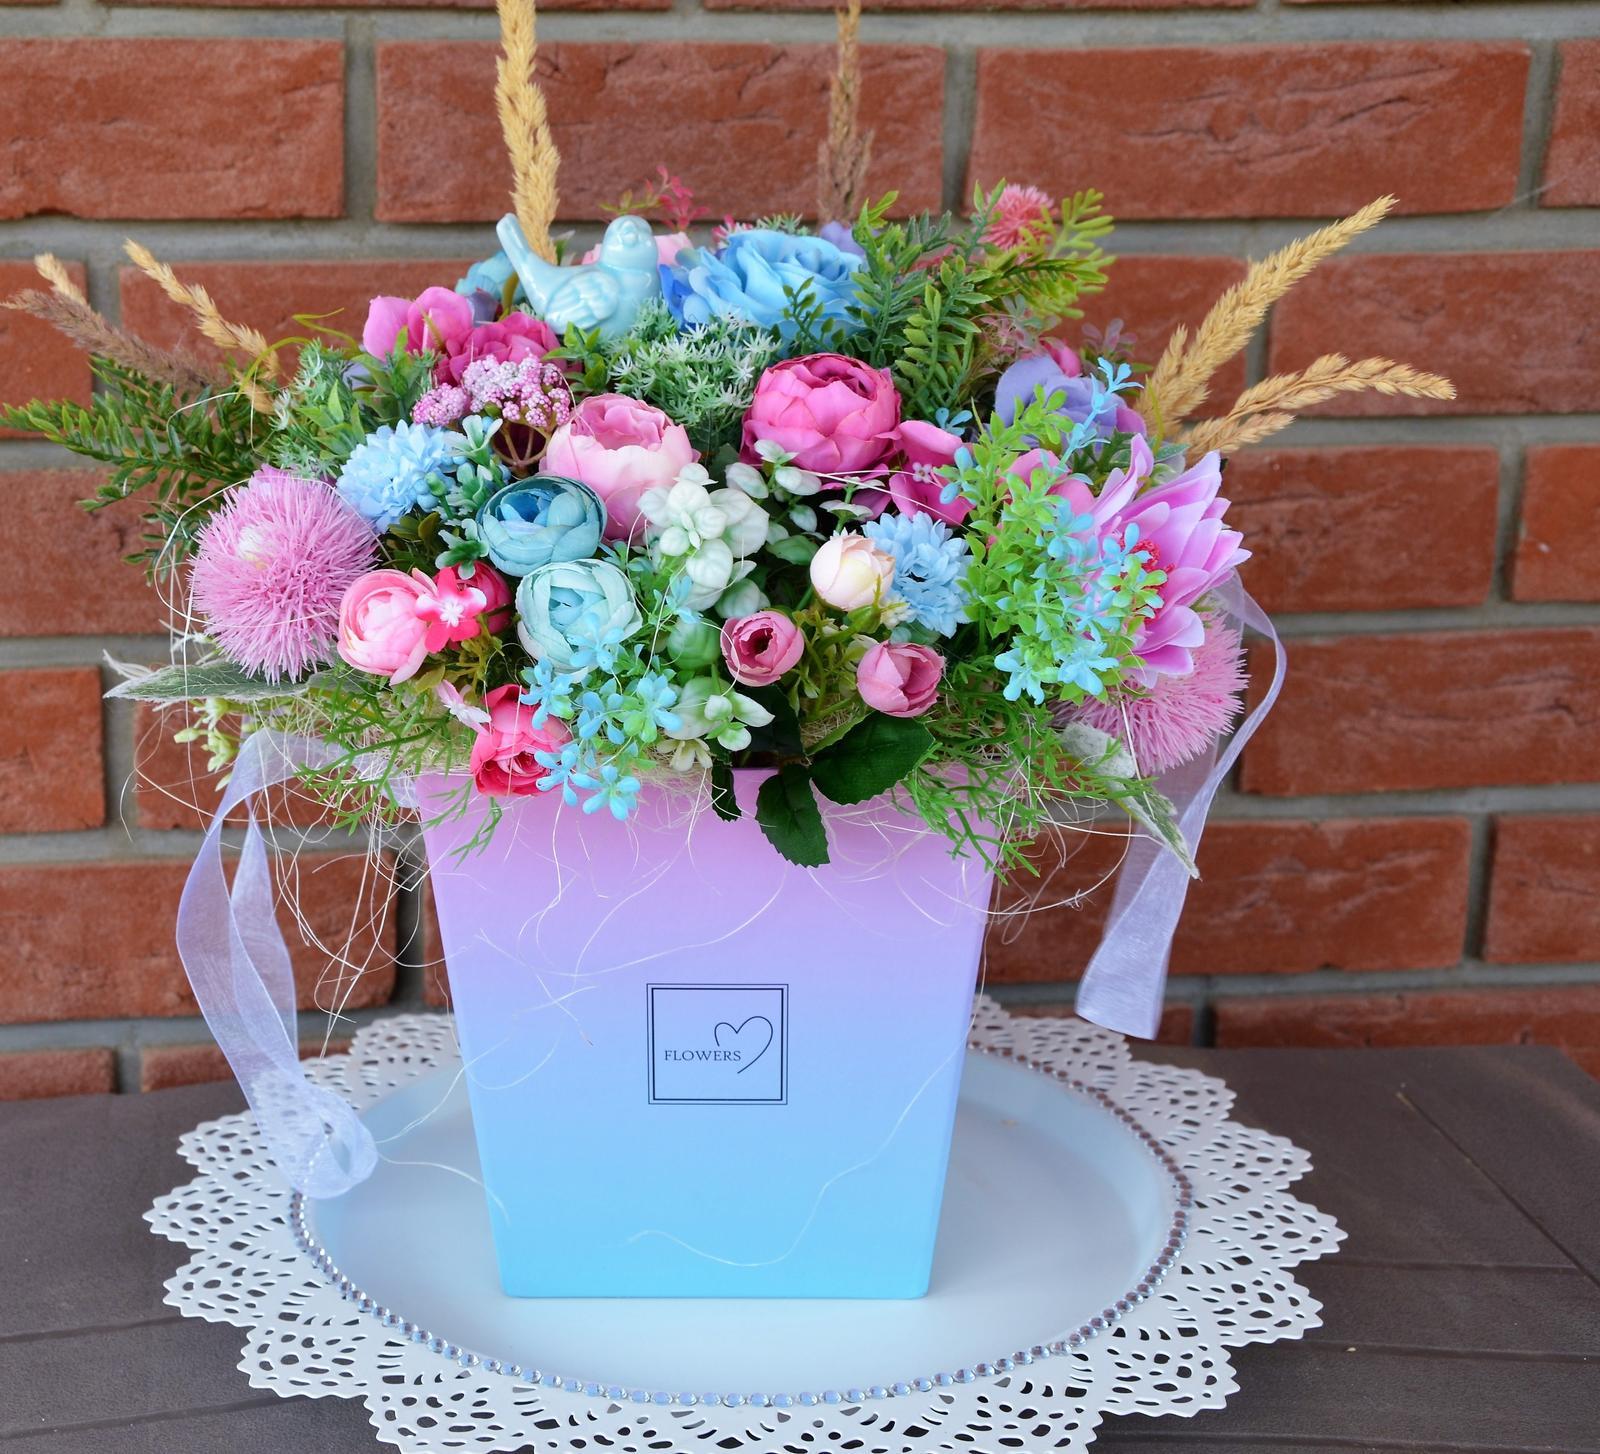 flower box - Obrázok č. 1